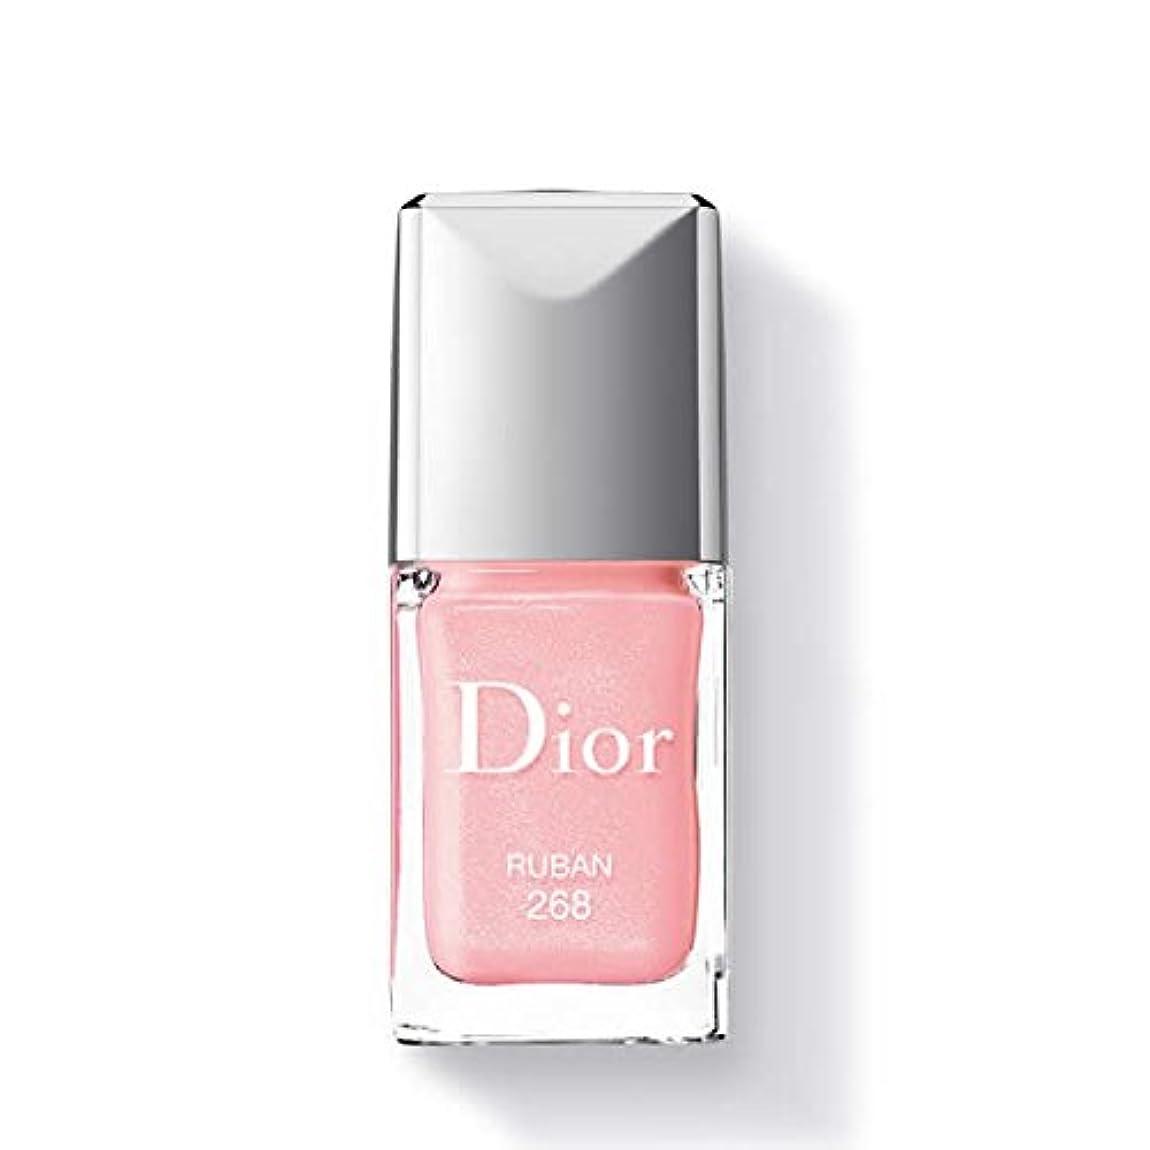 部族効果的に田舎Dior ディオールヴェルニ #268 リュバン 10ml [208215] [並行輸入品]